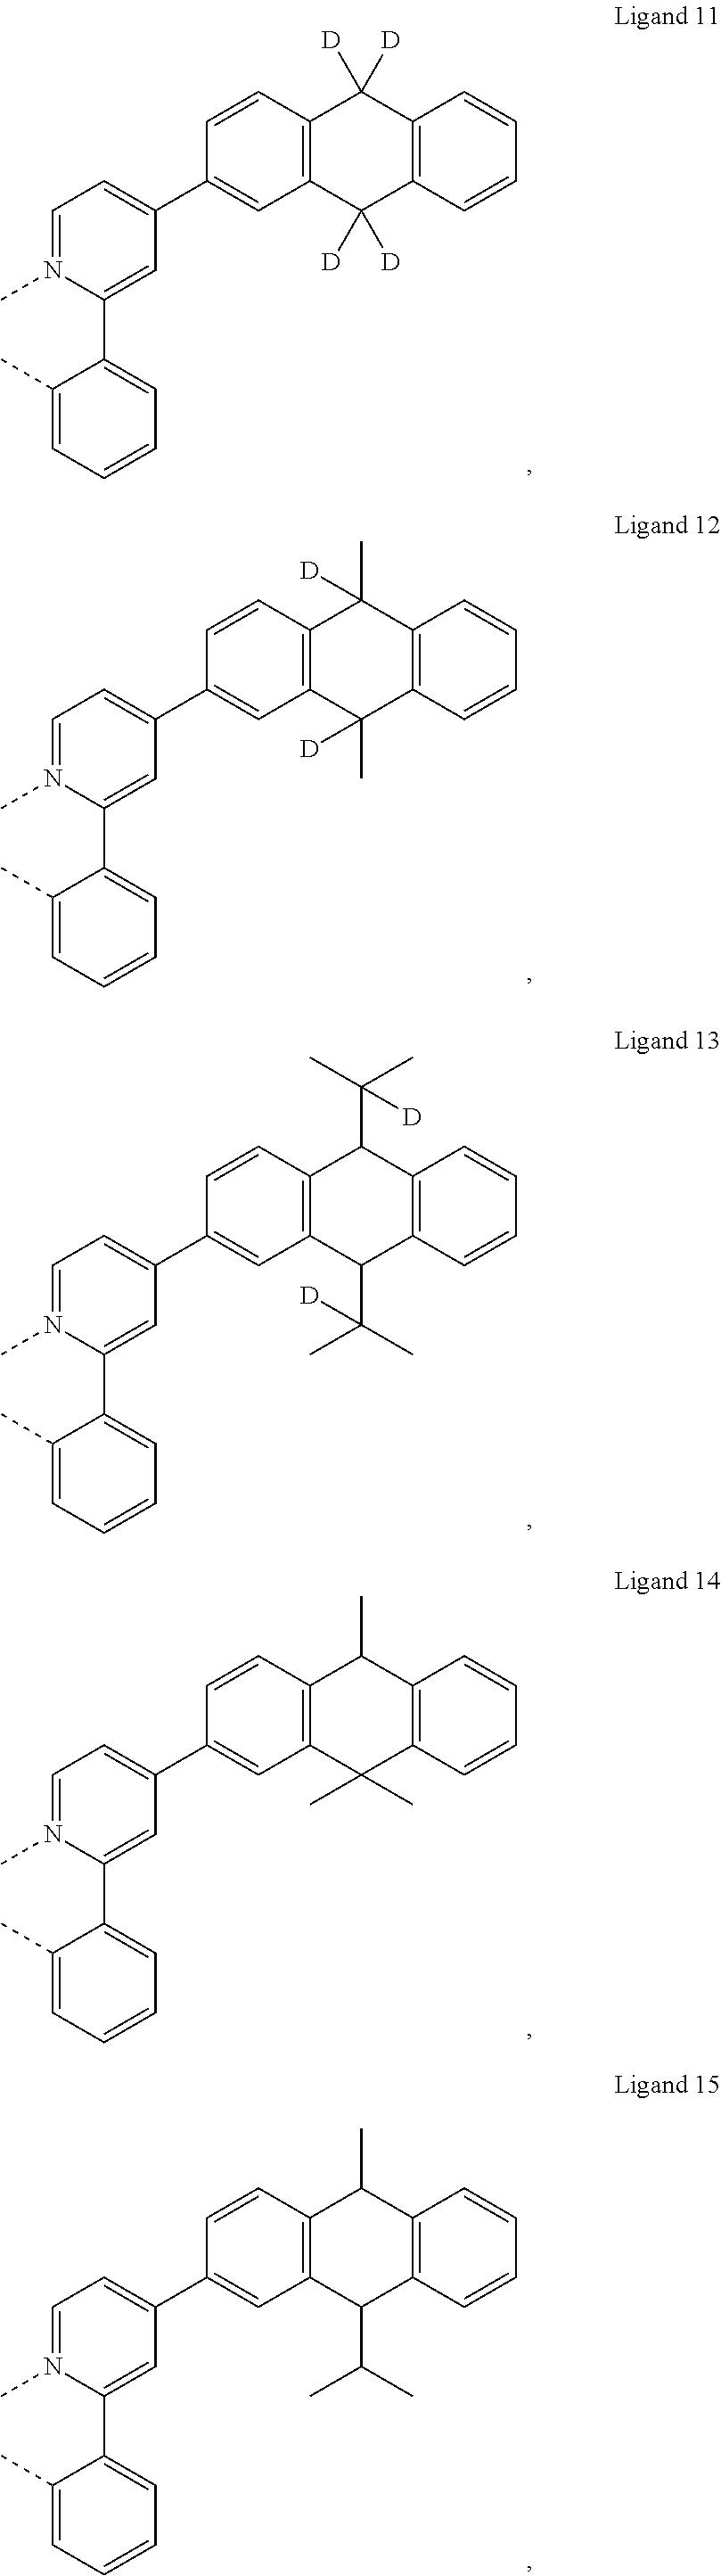 Figure US20180130962A1-20180510-C00230